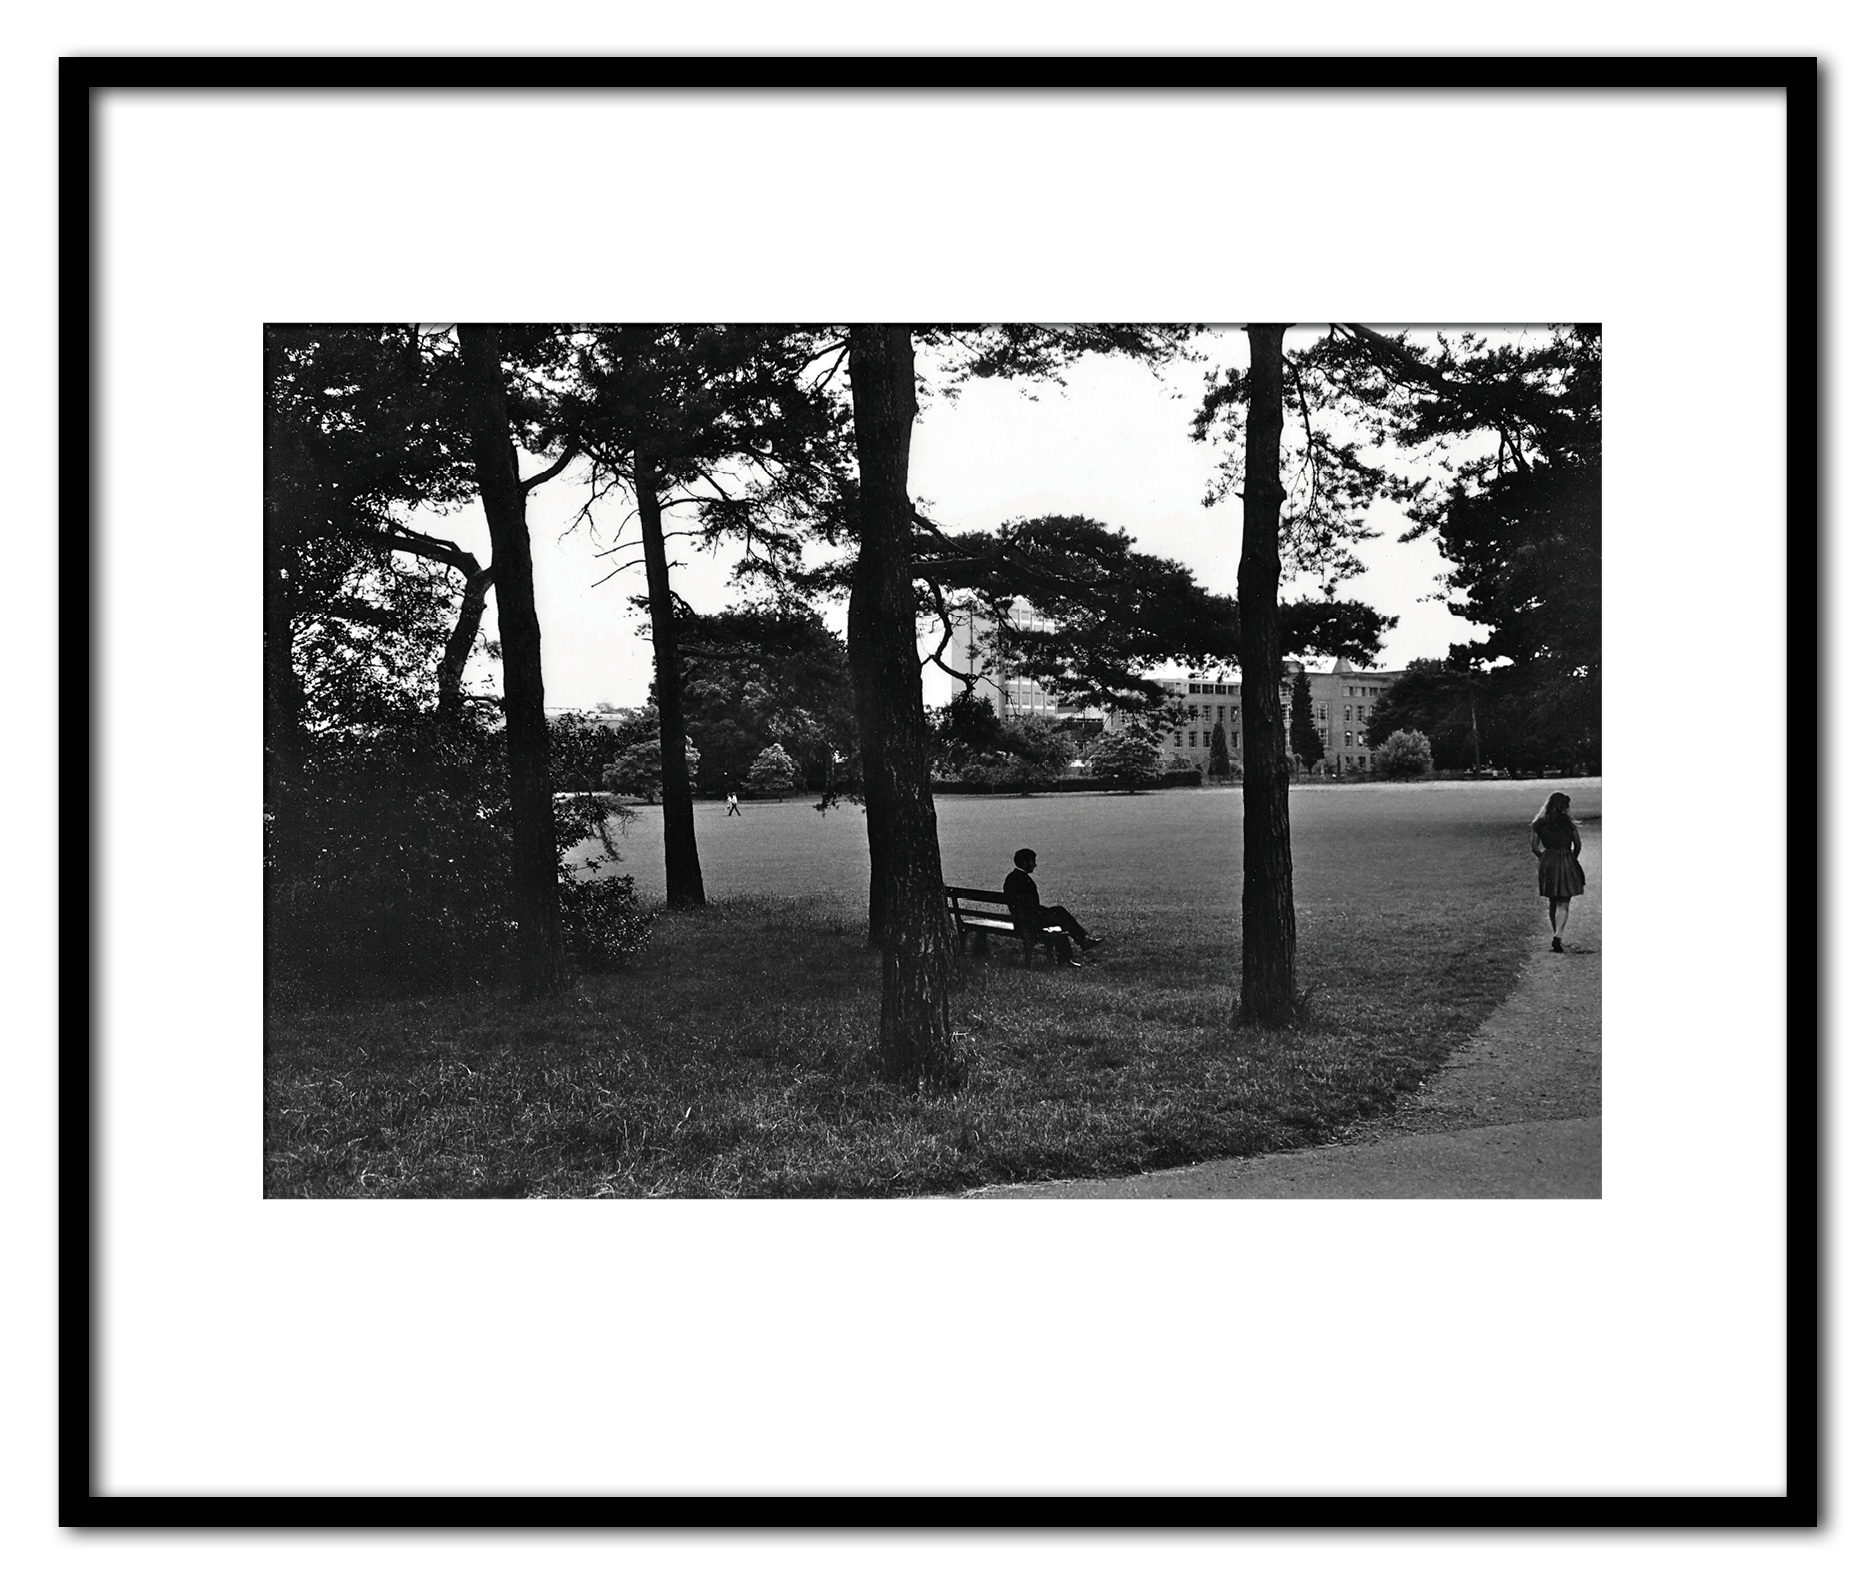 Guy & Girl in Park - 1978.jpg